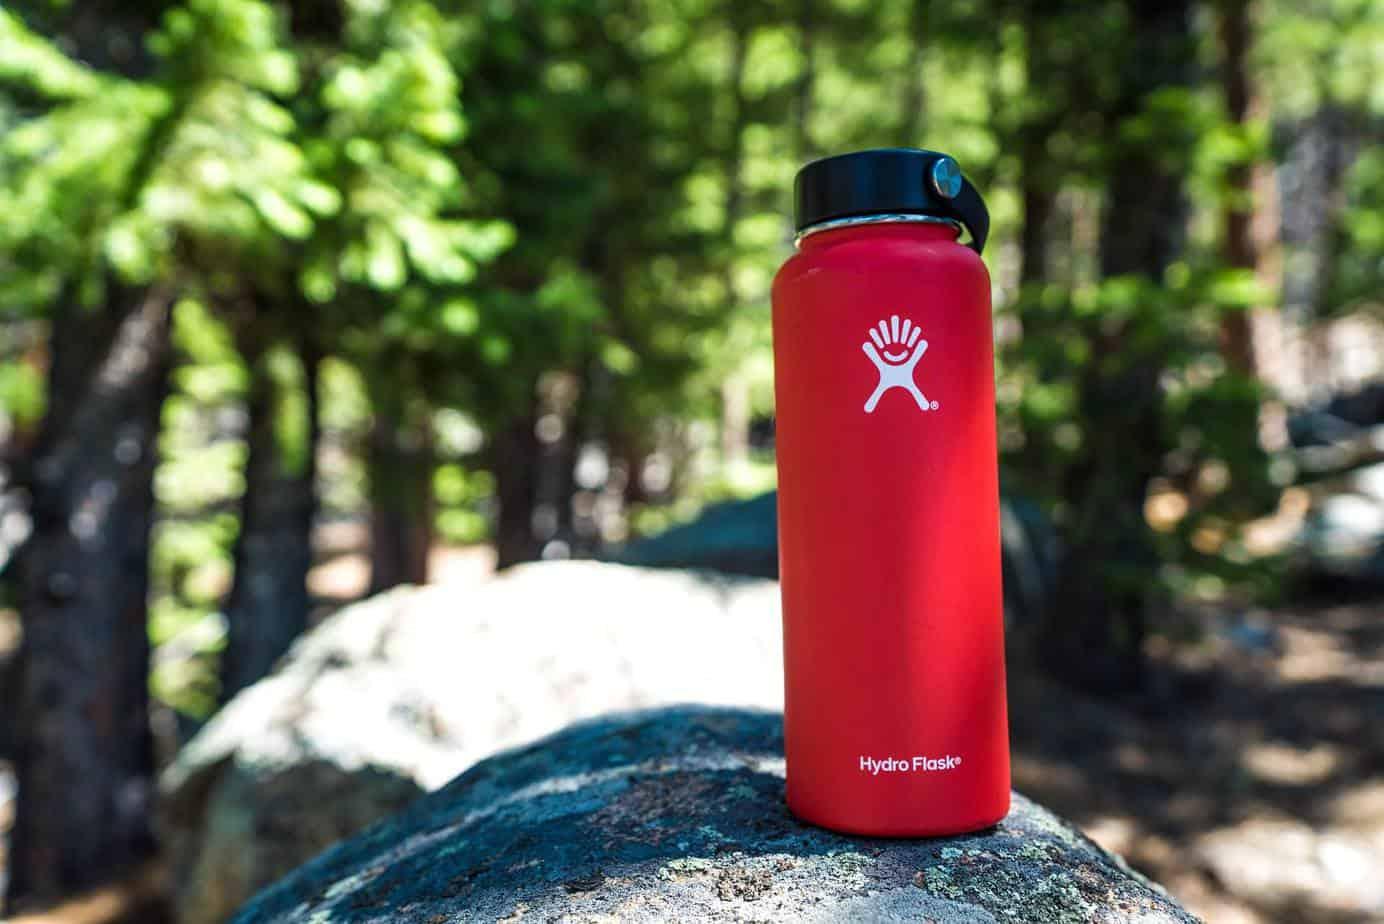 בקבוק המים הטוב ביותר הידרו פלסק